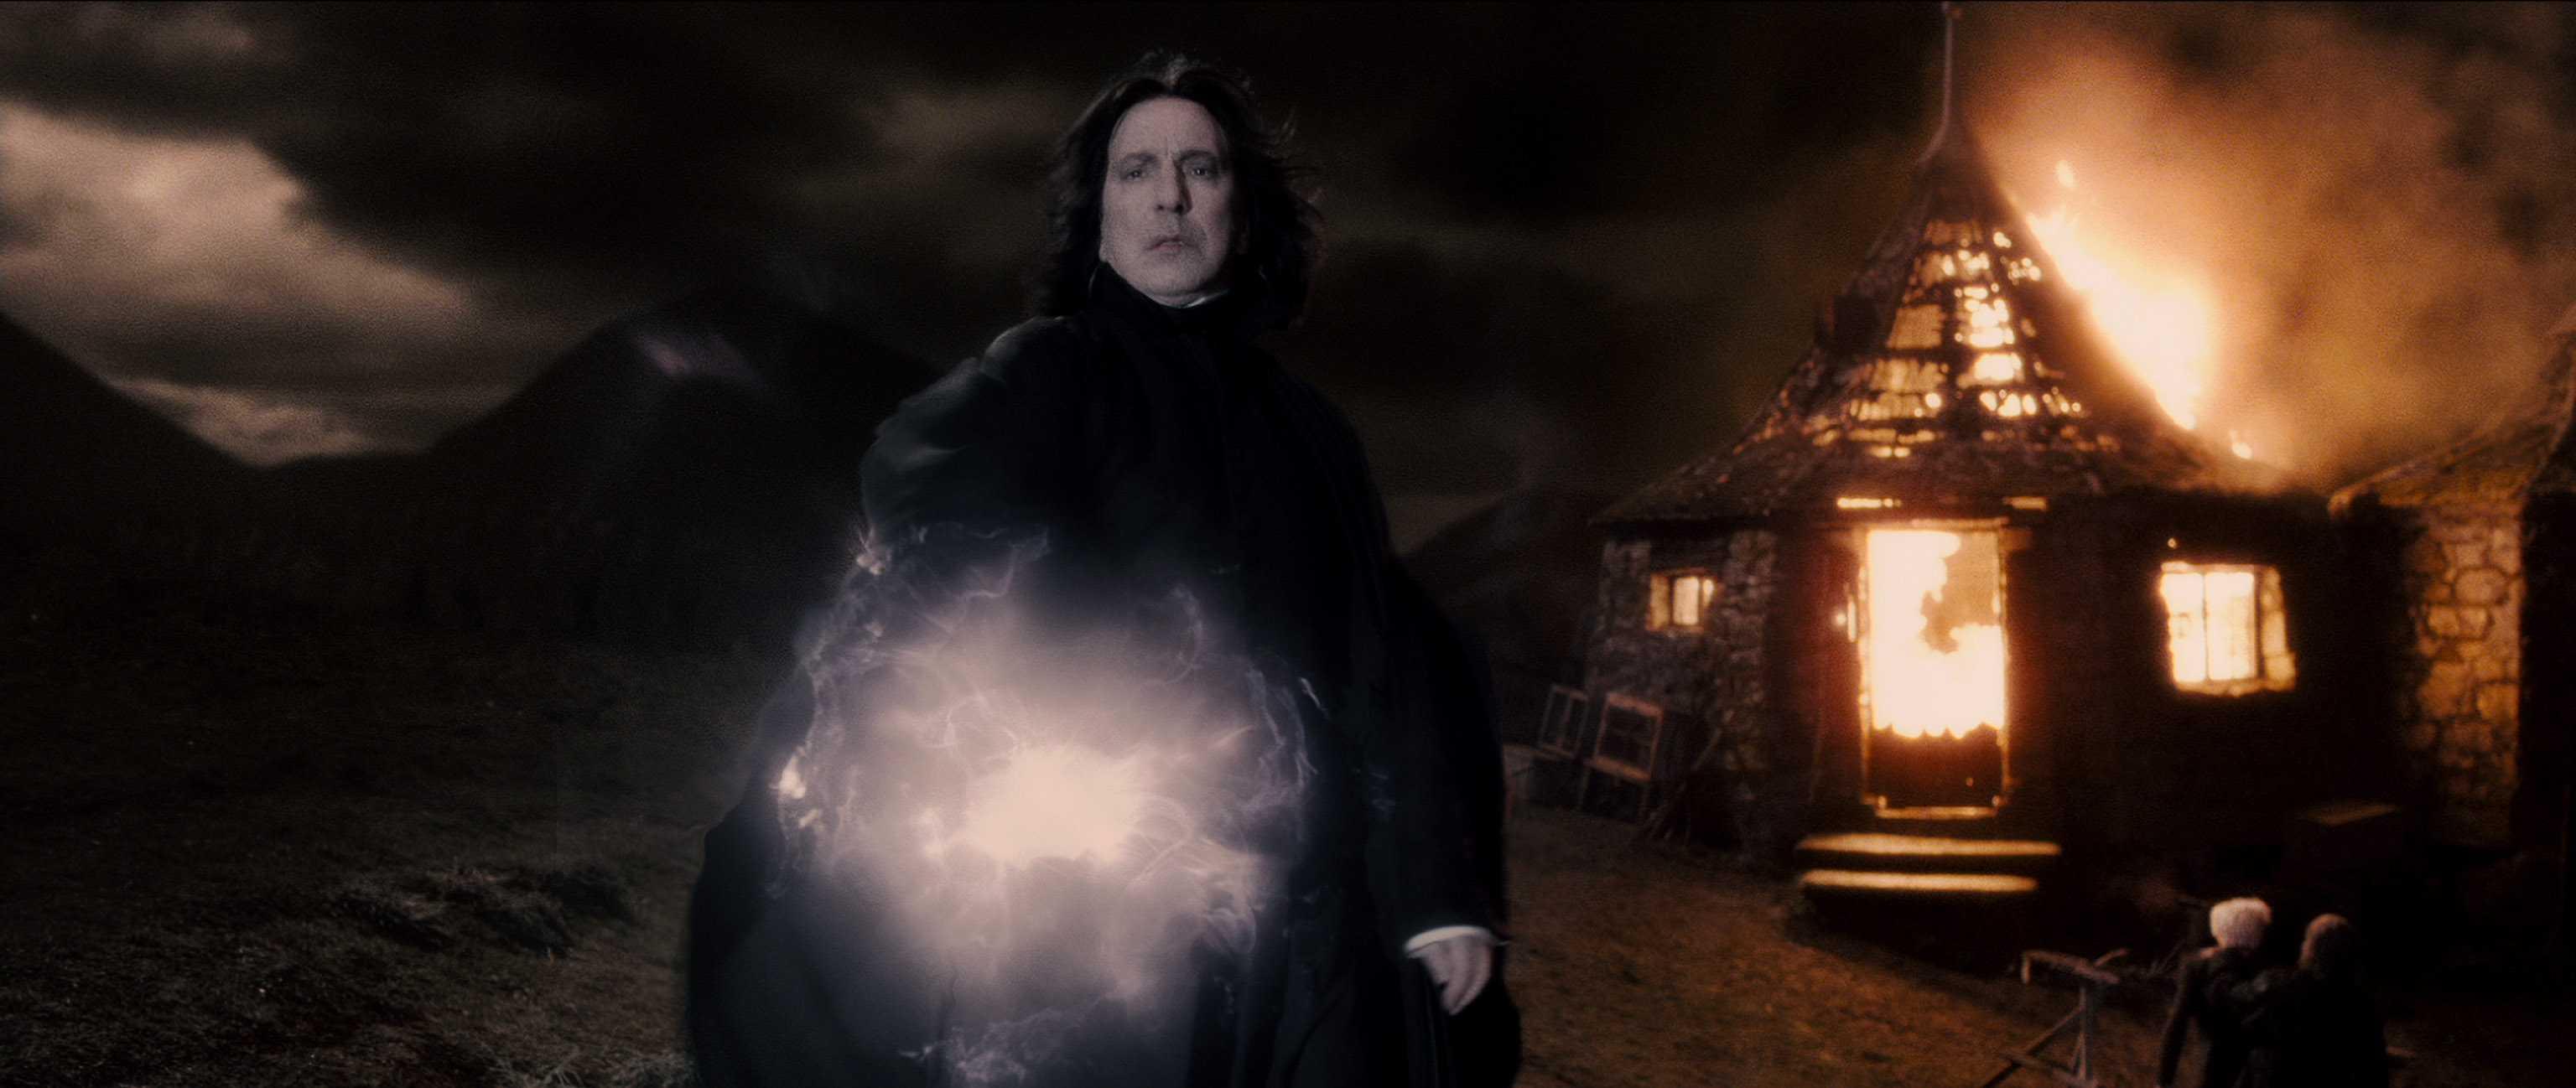 Гарри поттер высши1 вампир в прошлое